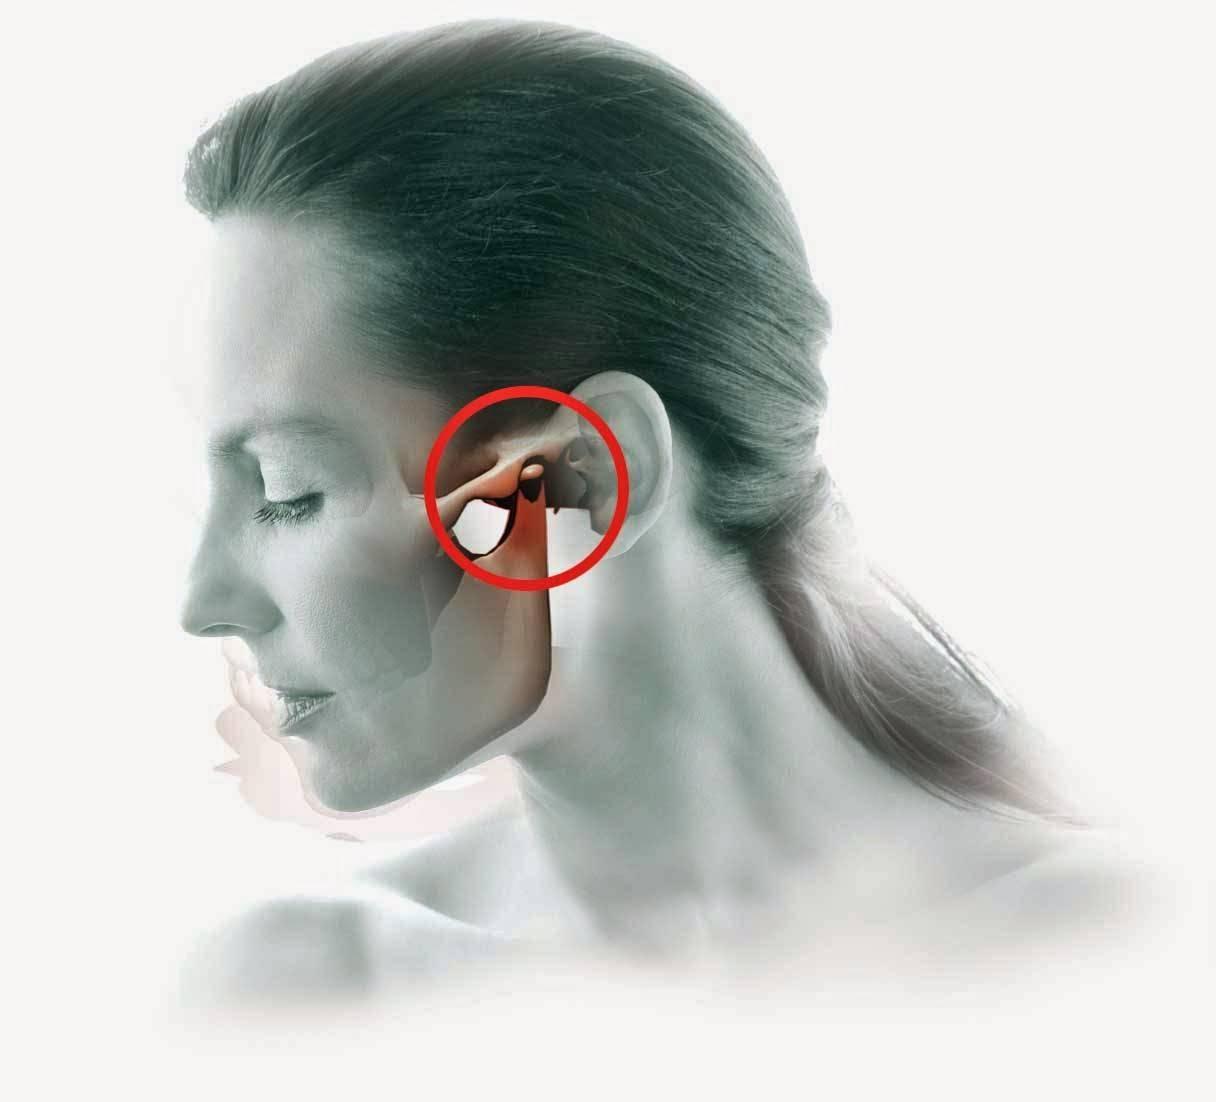 Почему болит за ухом справа и слева, как снять боль?